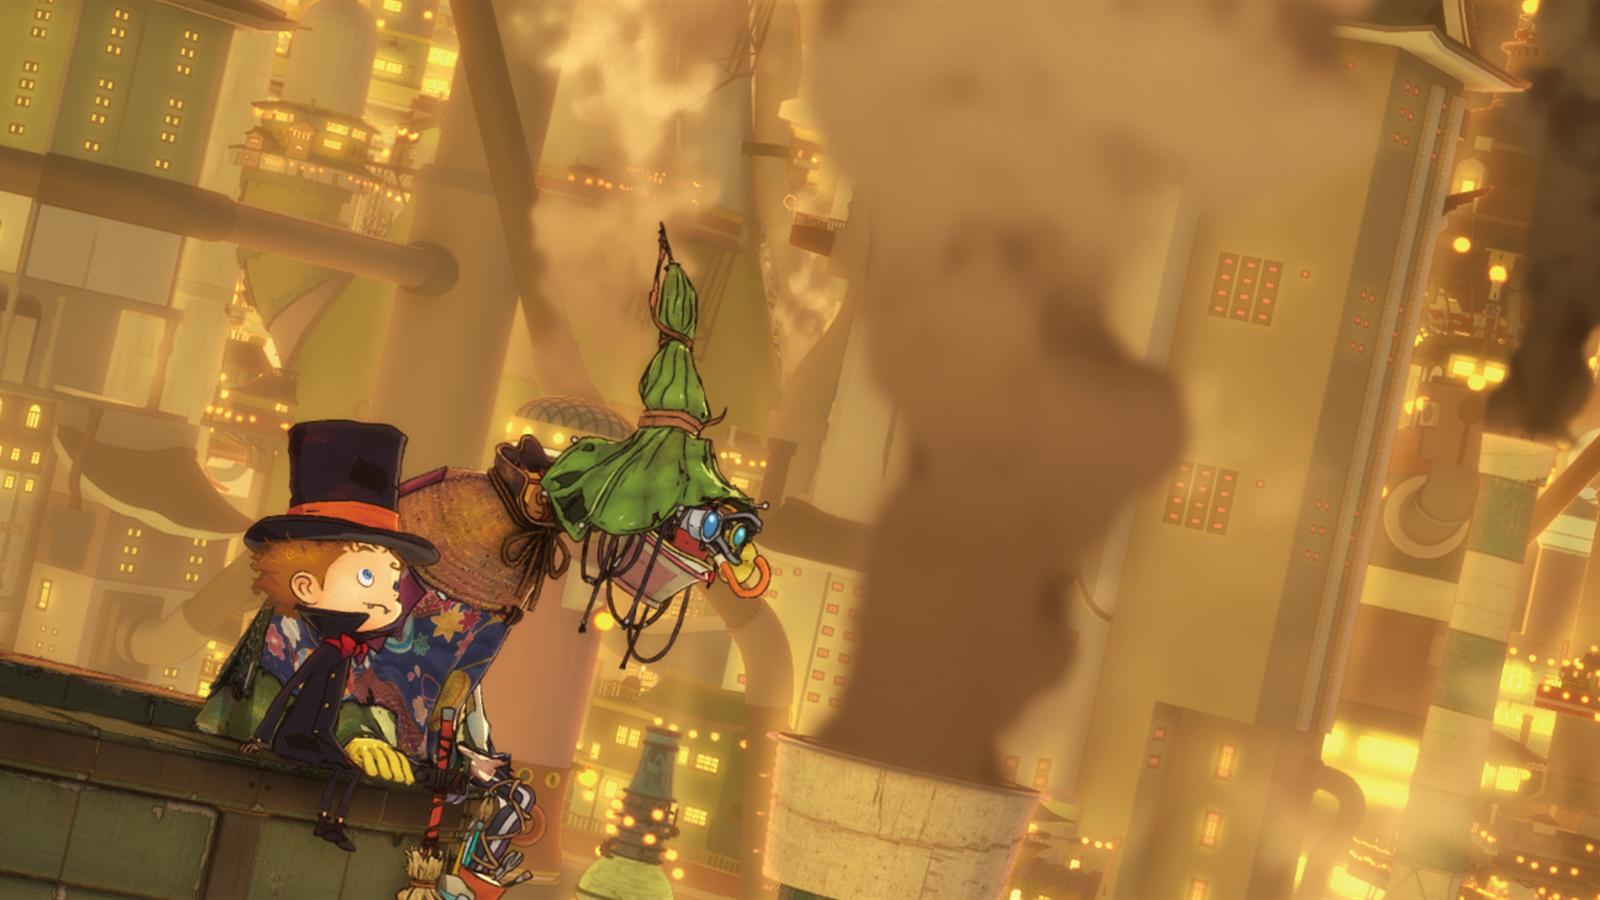 SILKHAT - 映画『えんとつ町のプペル』を全国の子供達にプレゼントしたい④ by キンコン西野│SILKHAT(シルクハット)吉本興業のクラウドファンディング